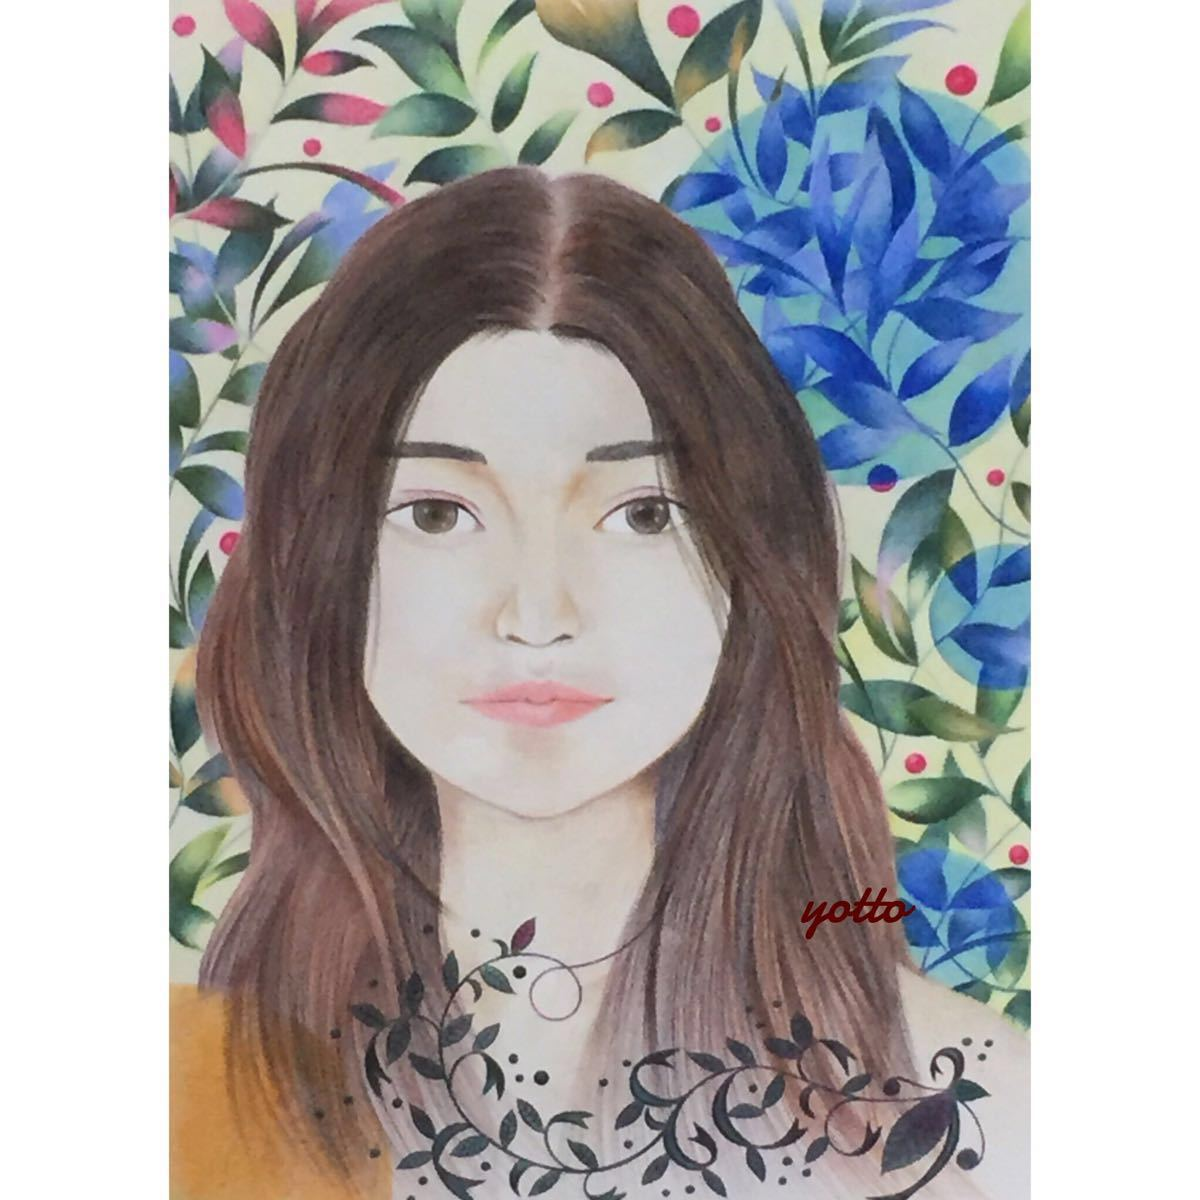 色鉛筆画「 kiss me 」B4・額付き◇◆手描き◇原画◆人物画◇◆yotto_画像1